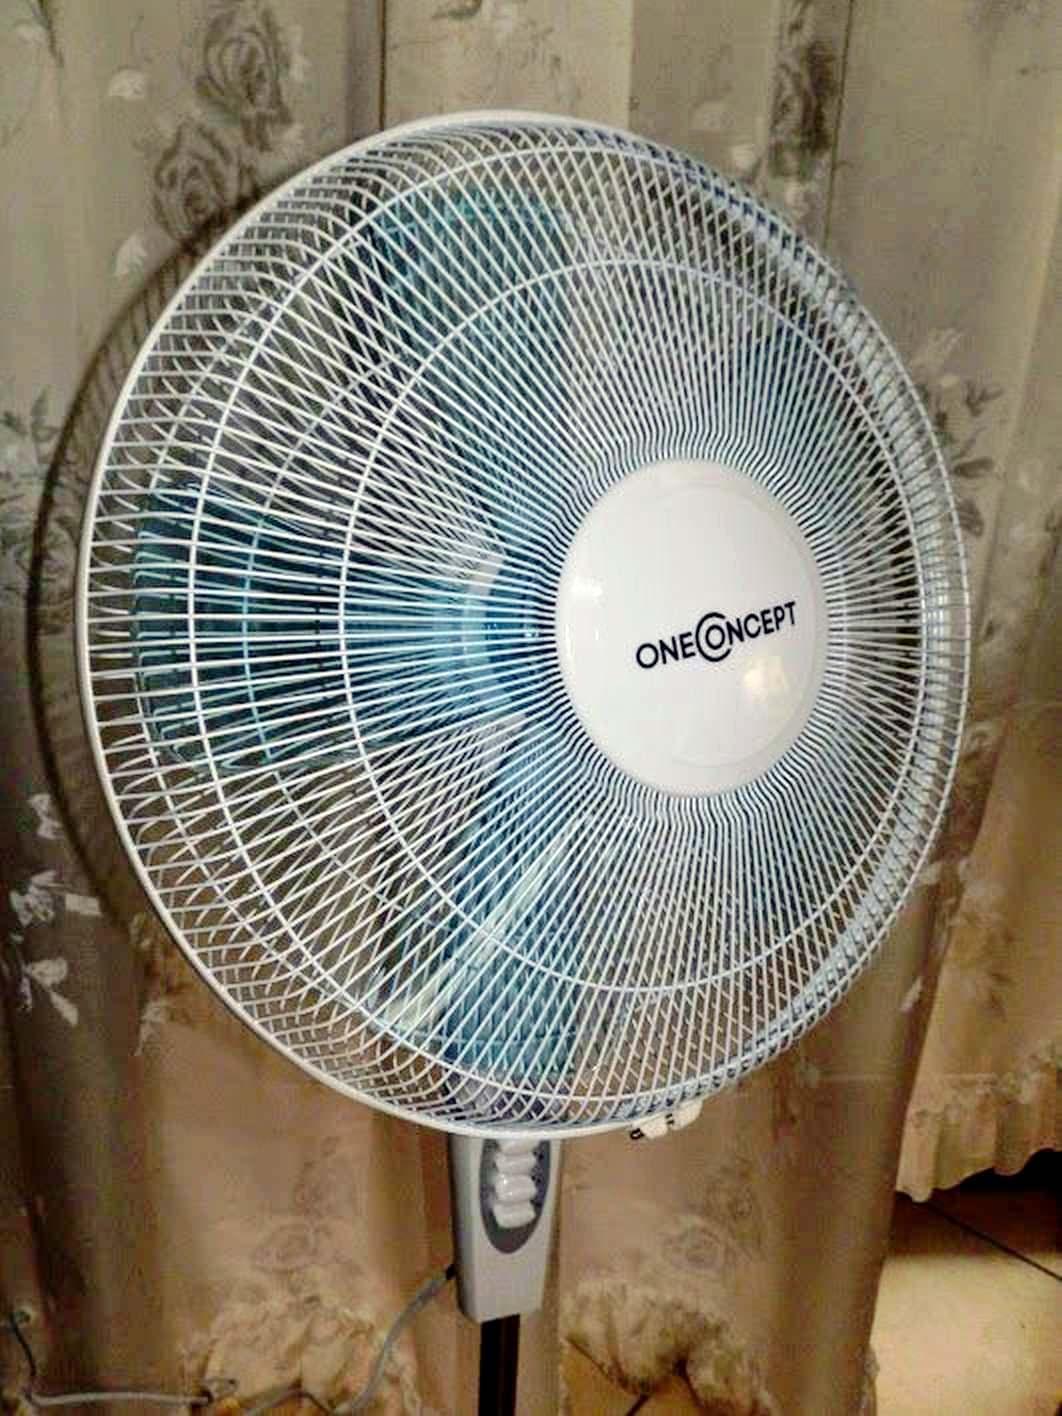 OneConcept White Blizzard 2G ventilatore a piantana 4 articoli per la casa